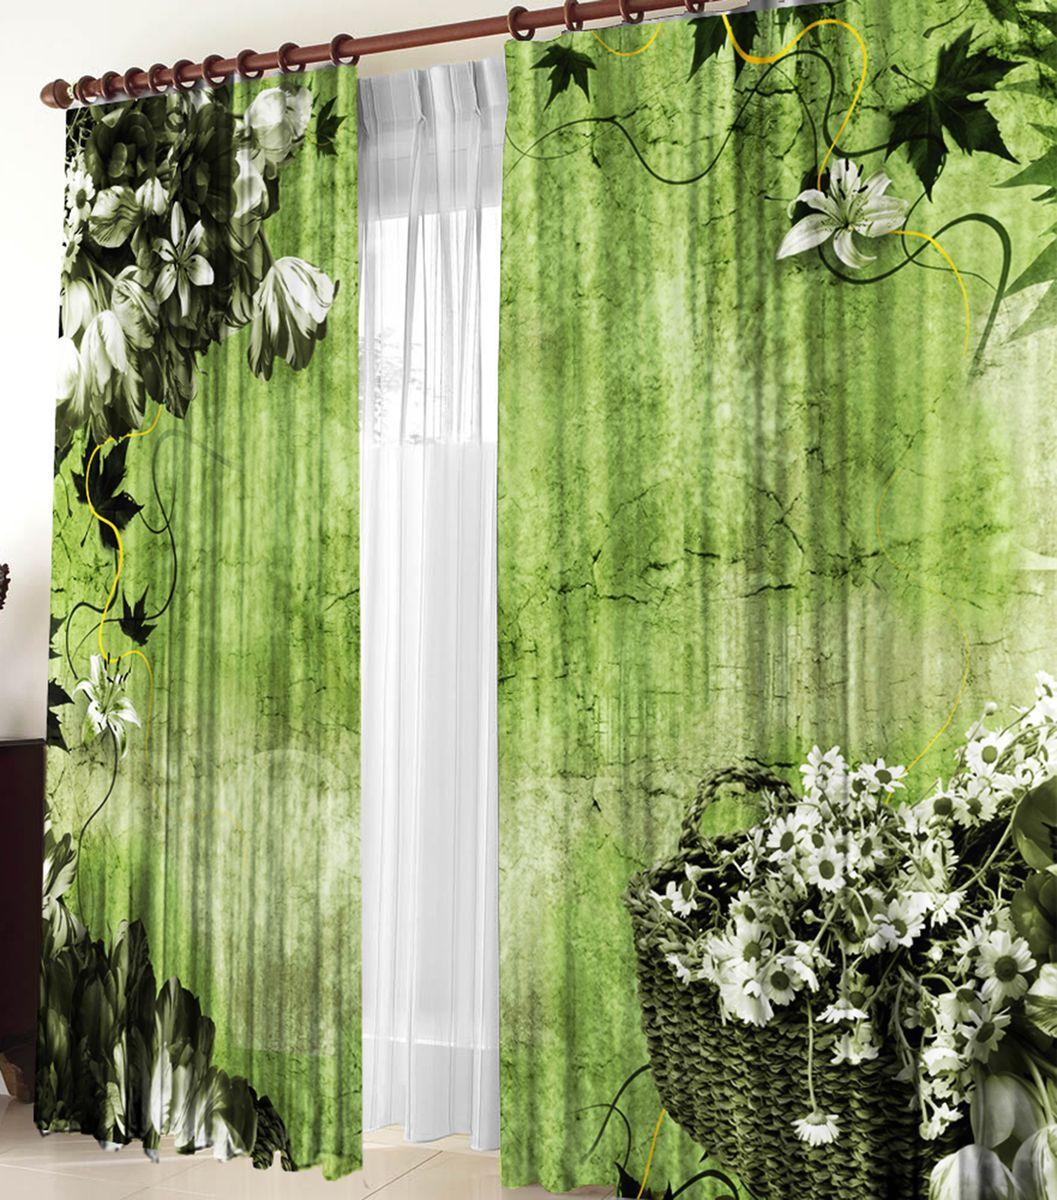 Комплект фотоштор Zlata Korunka Оливия, на ленте, высота 270 см21162Комплект фотоштор Zlata Korunka изготовлен из габардиновой ткани высочайшего качества. Фотошторы способны не пропускать самый яркий свет, их можно гладить и стирать. Рекомендации по уходу: бережная стирка при 30°С, деликатный отжим, отбеливание запрещено, гладить при температуре не более 150°С. Светопоглощение 70%. Плотность ткани: 150 г/м2. Оттенок изделия может отличаться от представленного на сайте в силу особенностей цветопередачи фототехники и вашего монитора.